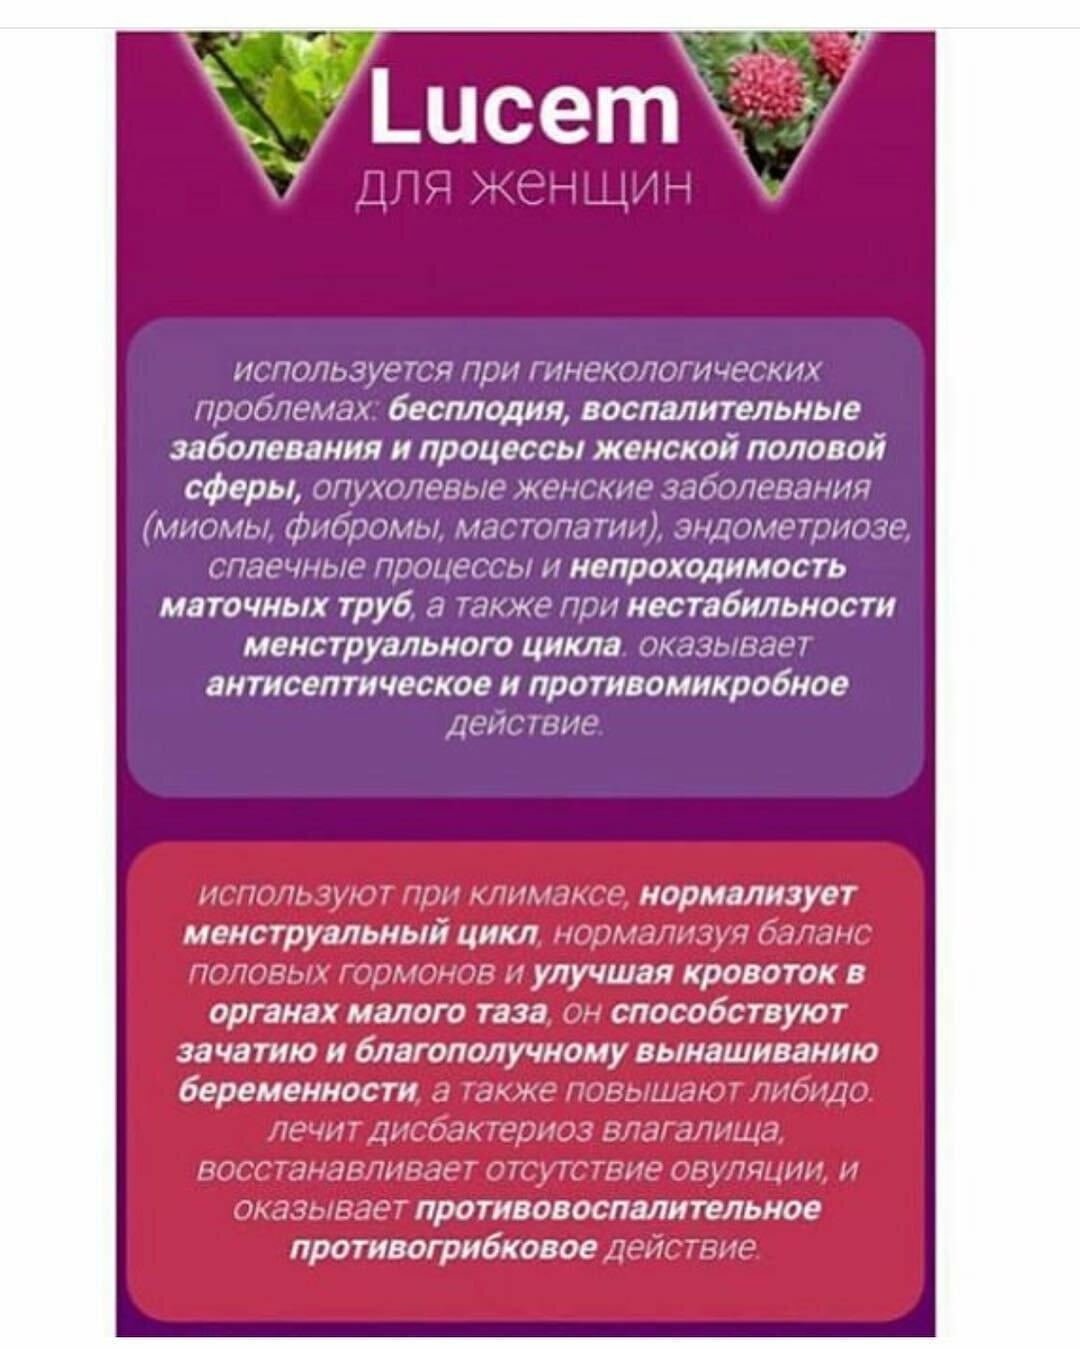 Lucem - для женского здоровья в Виннице